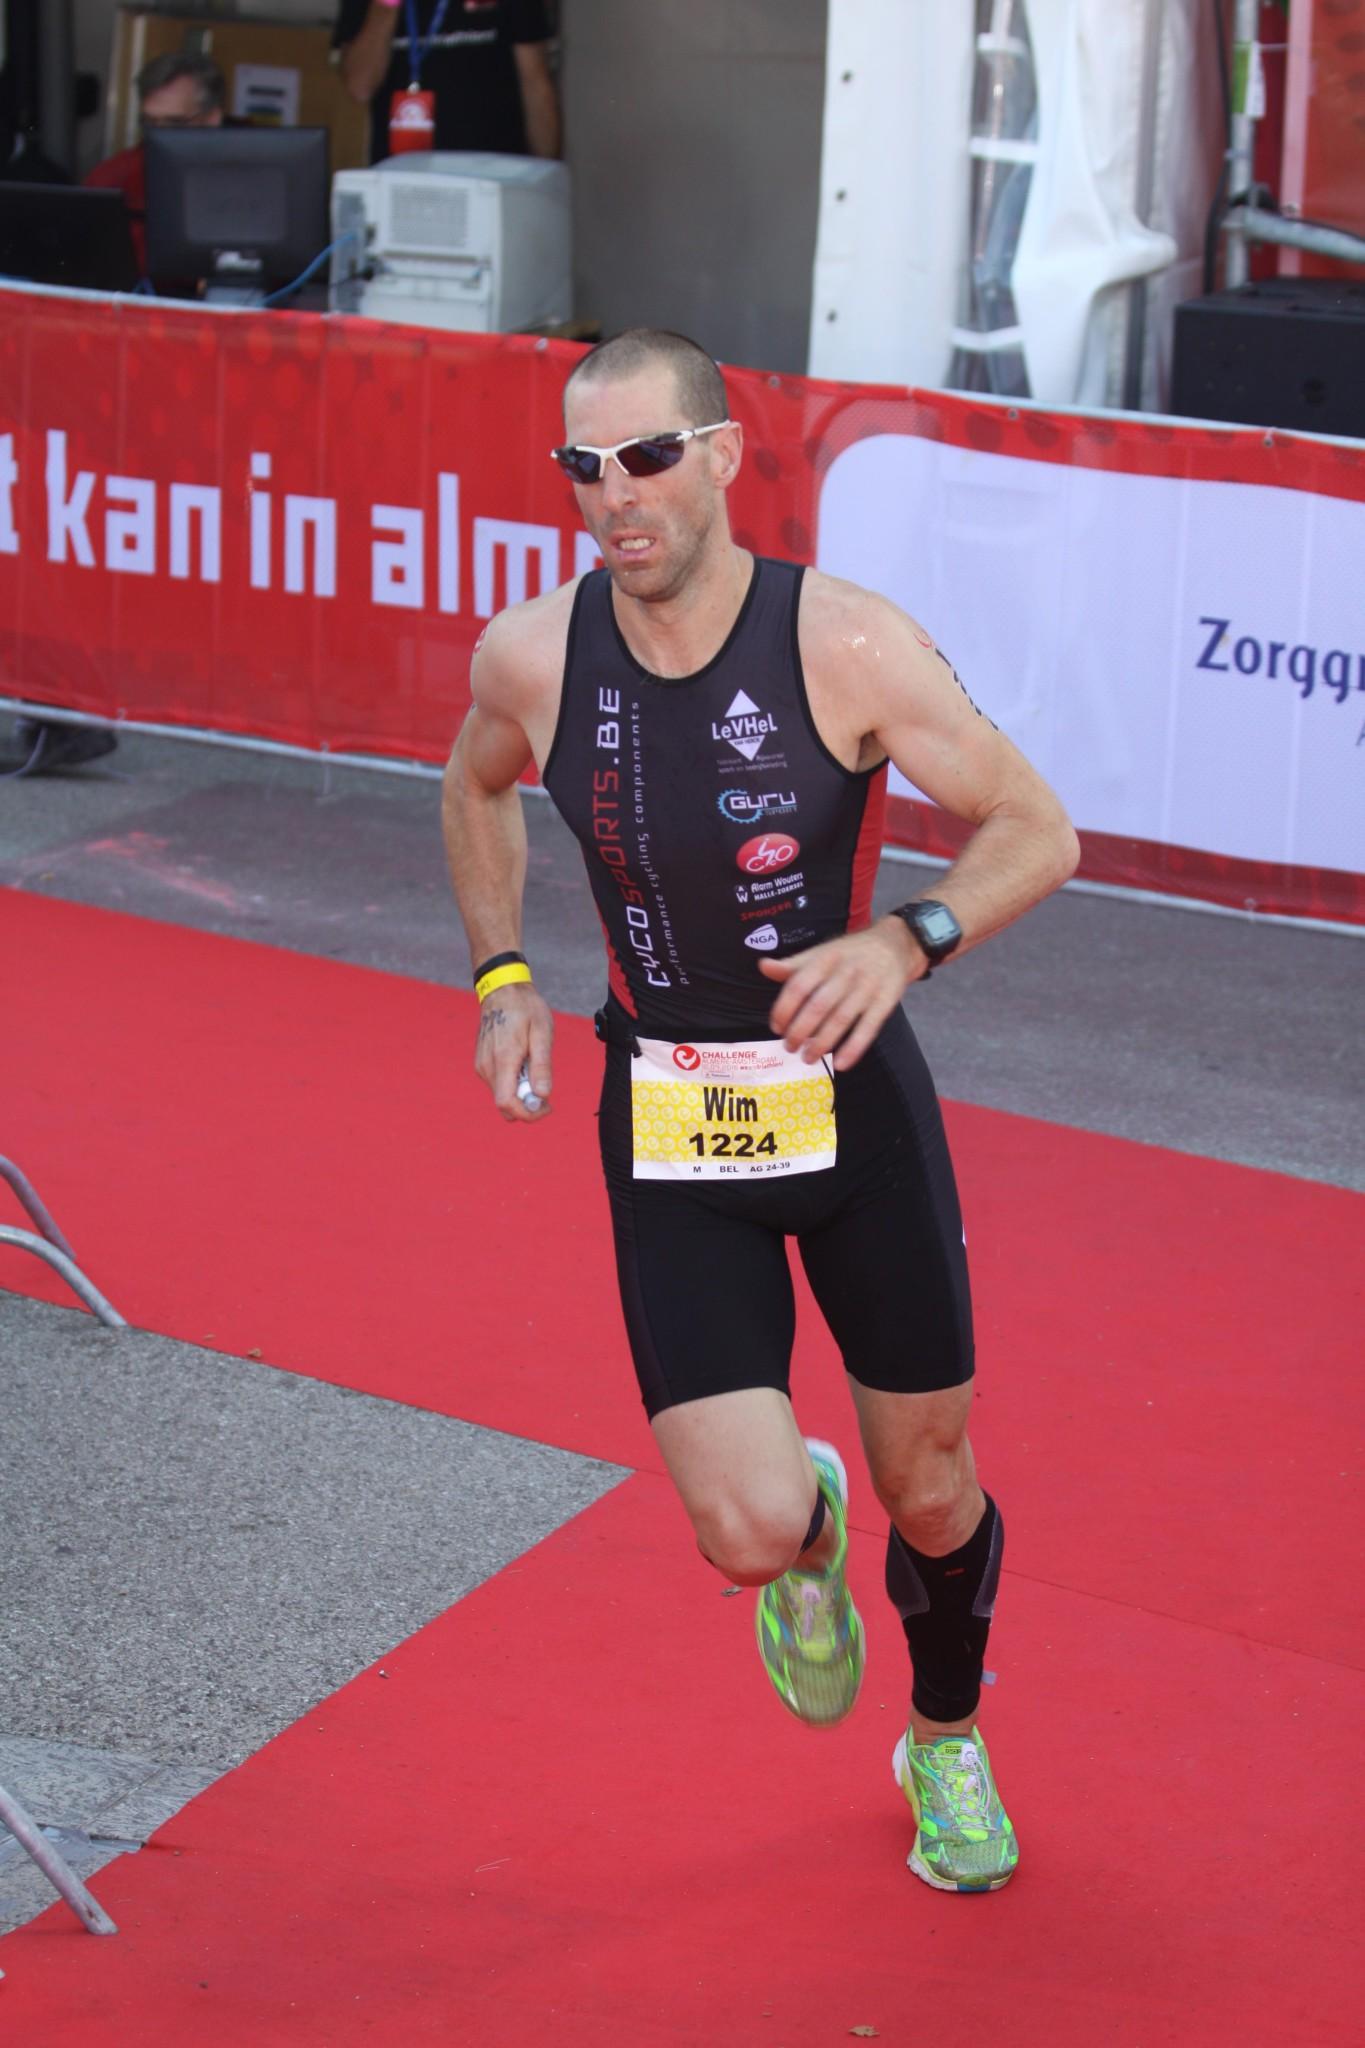 Wim Van Linden 1